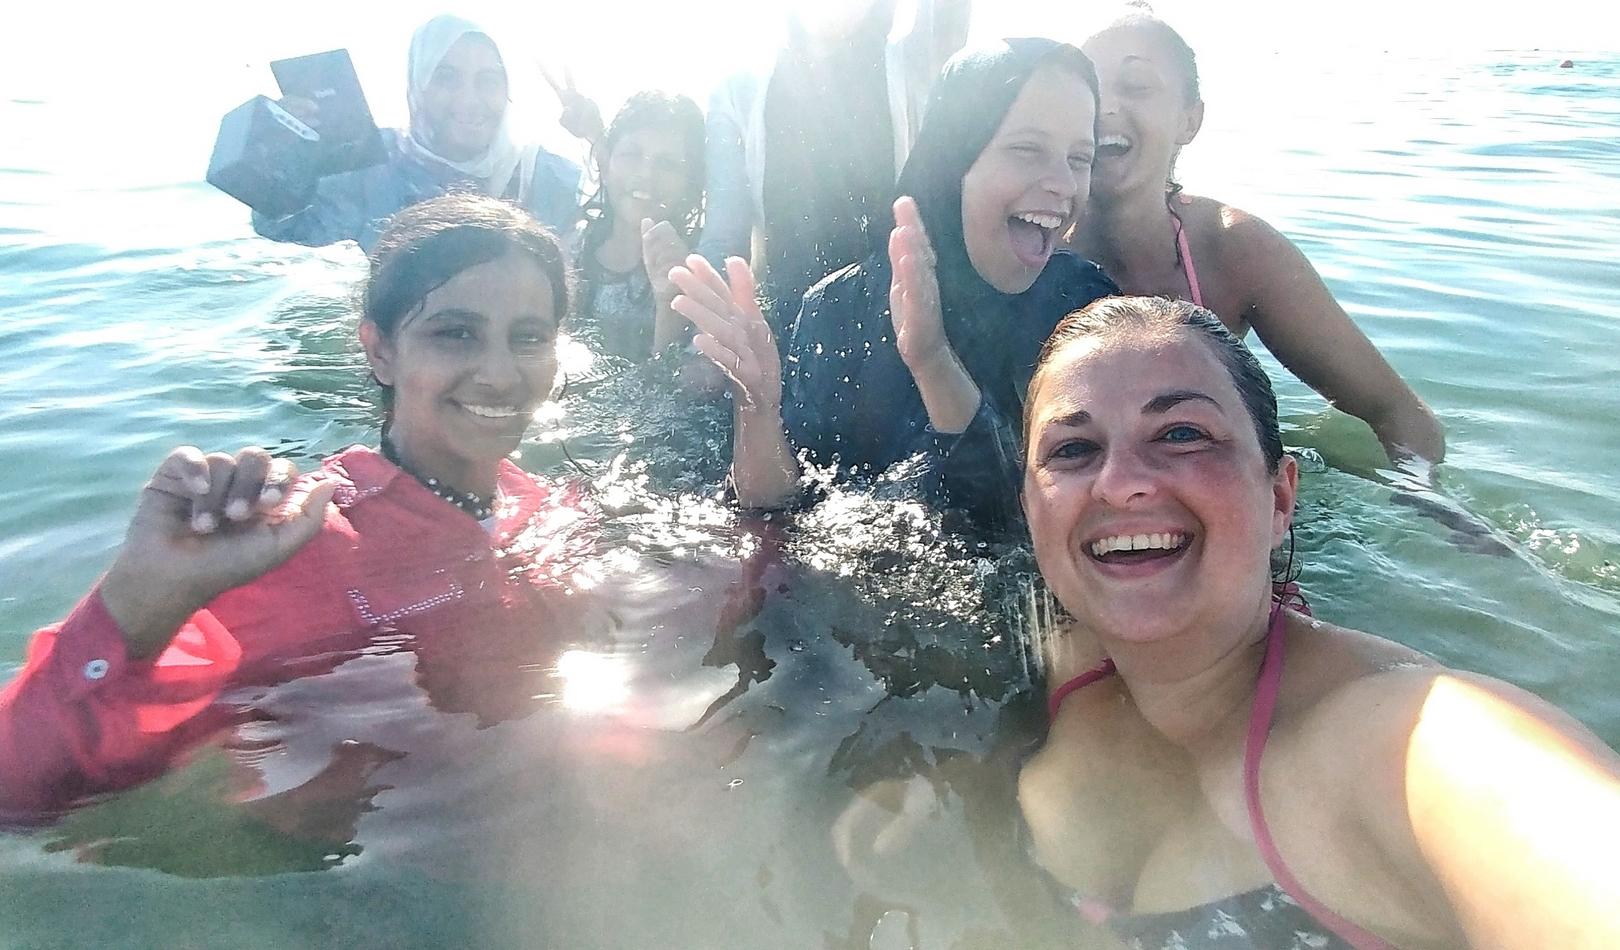 Jordanie - Après-midi avec les enfants sur la plage publique d'Aqaba